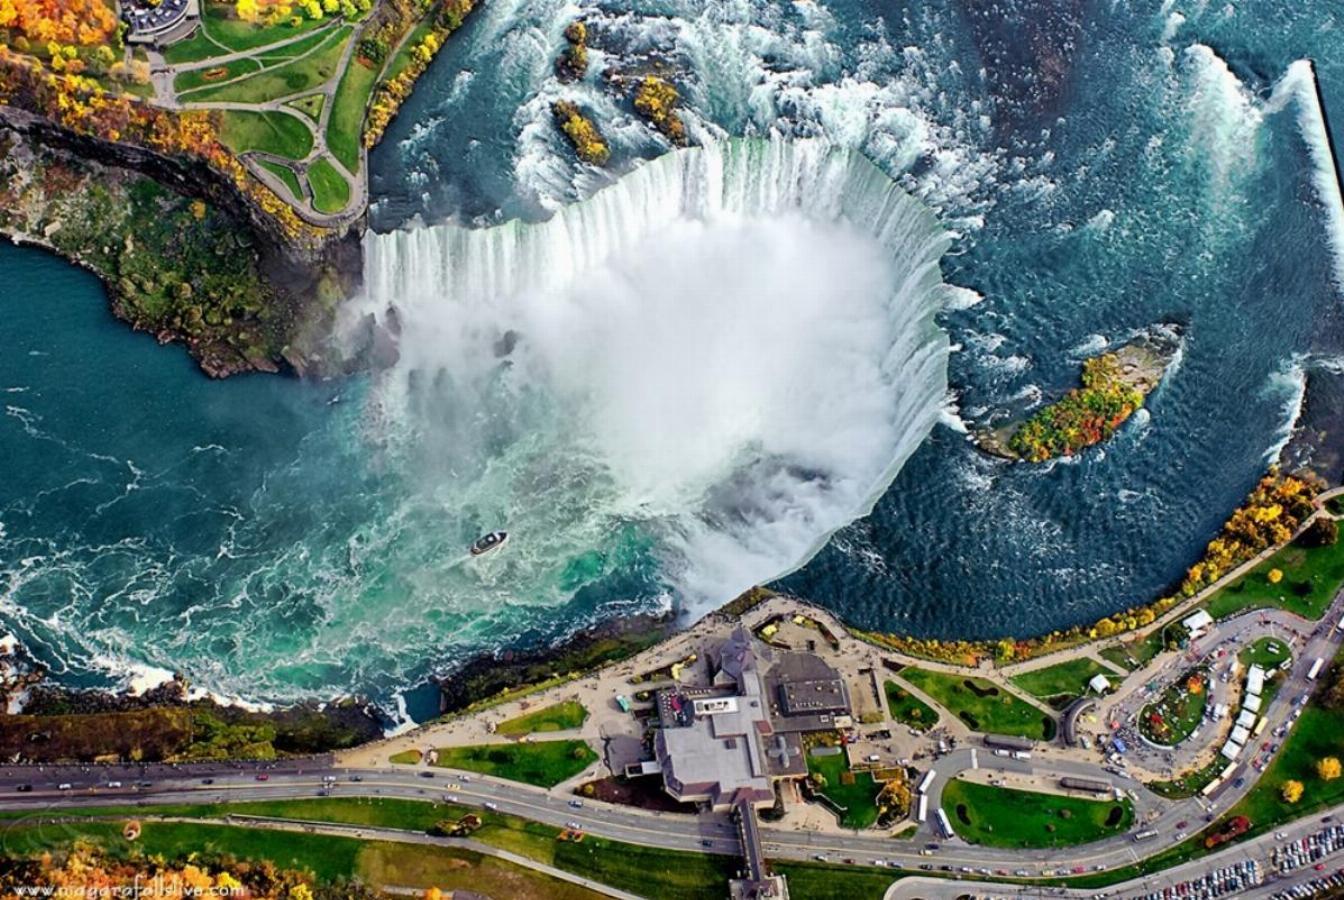 جاذبه های گردشگری کانادا: آبشار نیاگارا